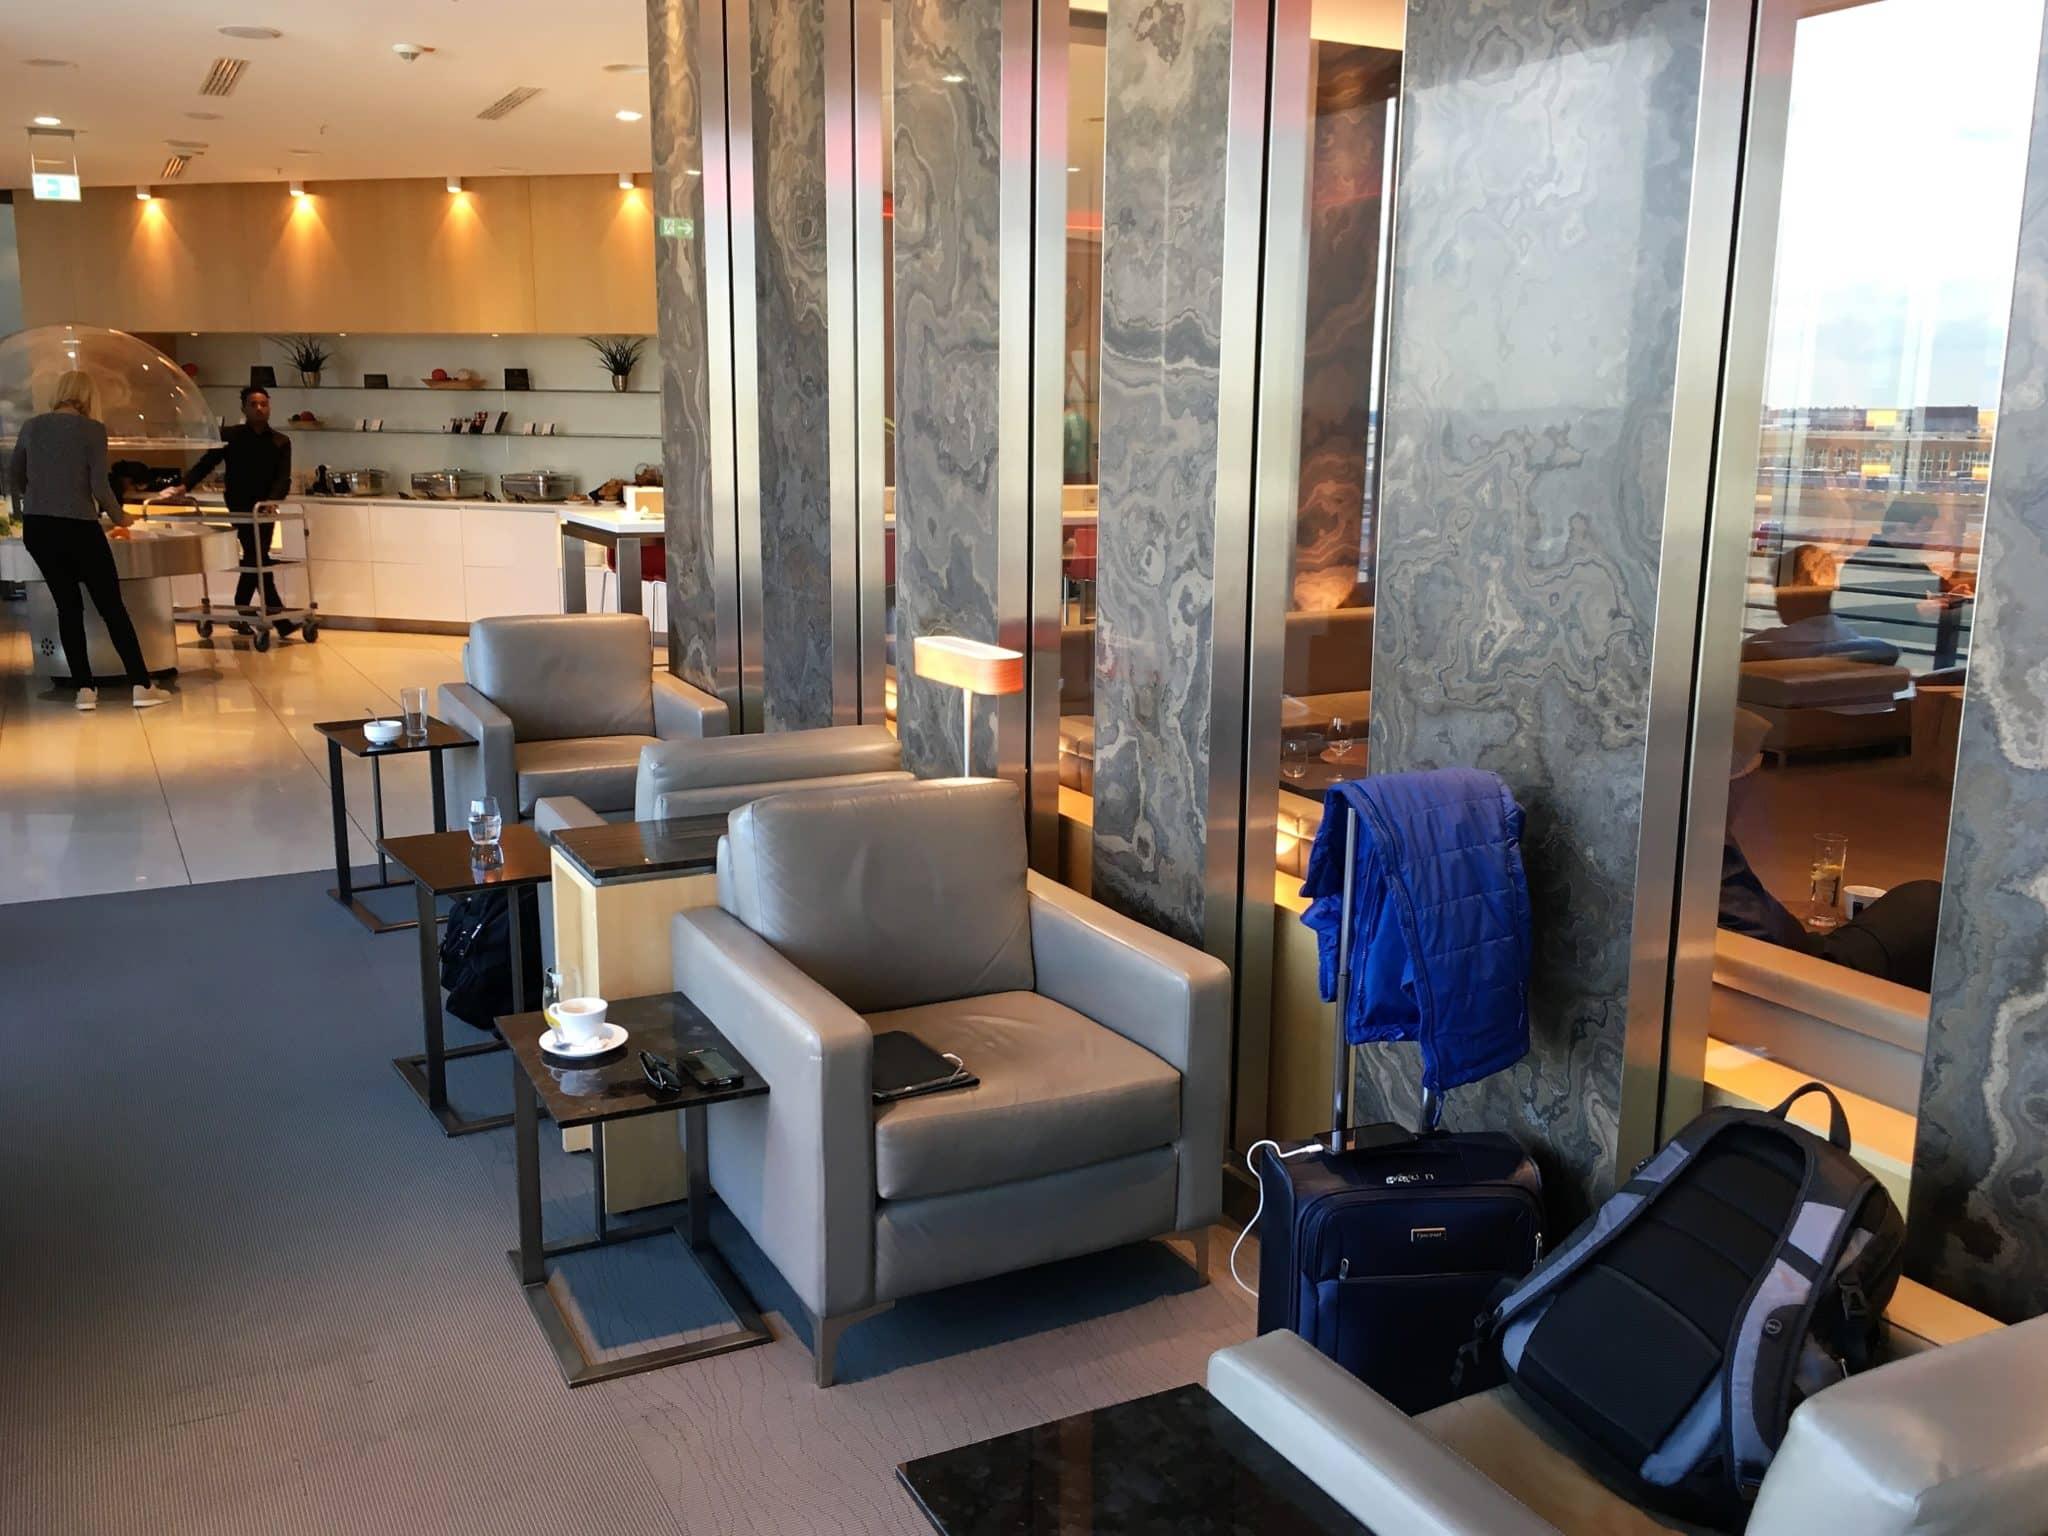 Air Canada Maple Leaf Lounge Frankfurt Sitzmöglichkeiten Sessel